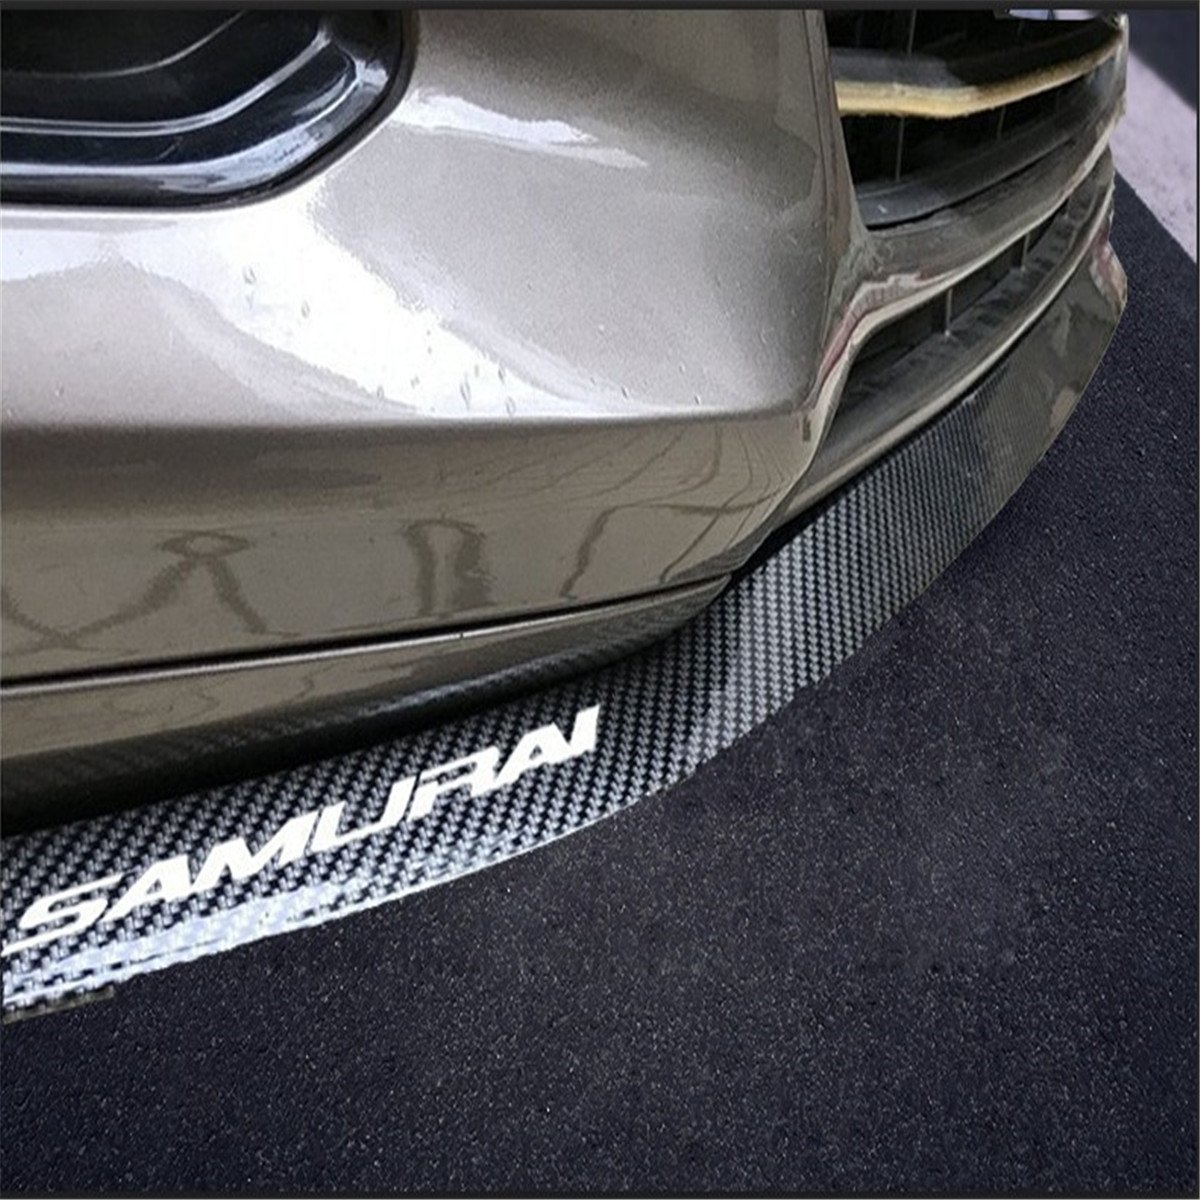 Orbeor Anti-Rasgu/ños Fibra de Carbono Protector de Falda de Goma para Coche//Cami/ón//SUV Negro 9.8//2.5M Spoiler Delantero Universal